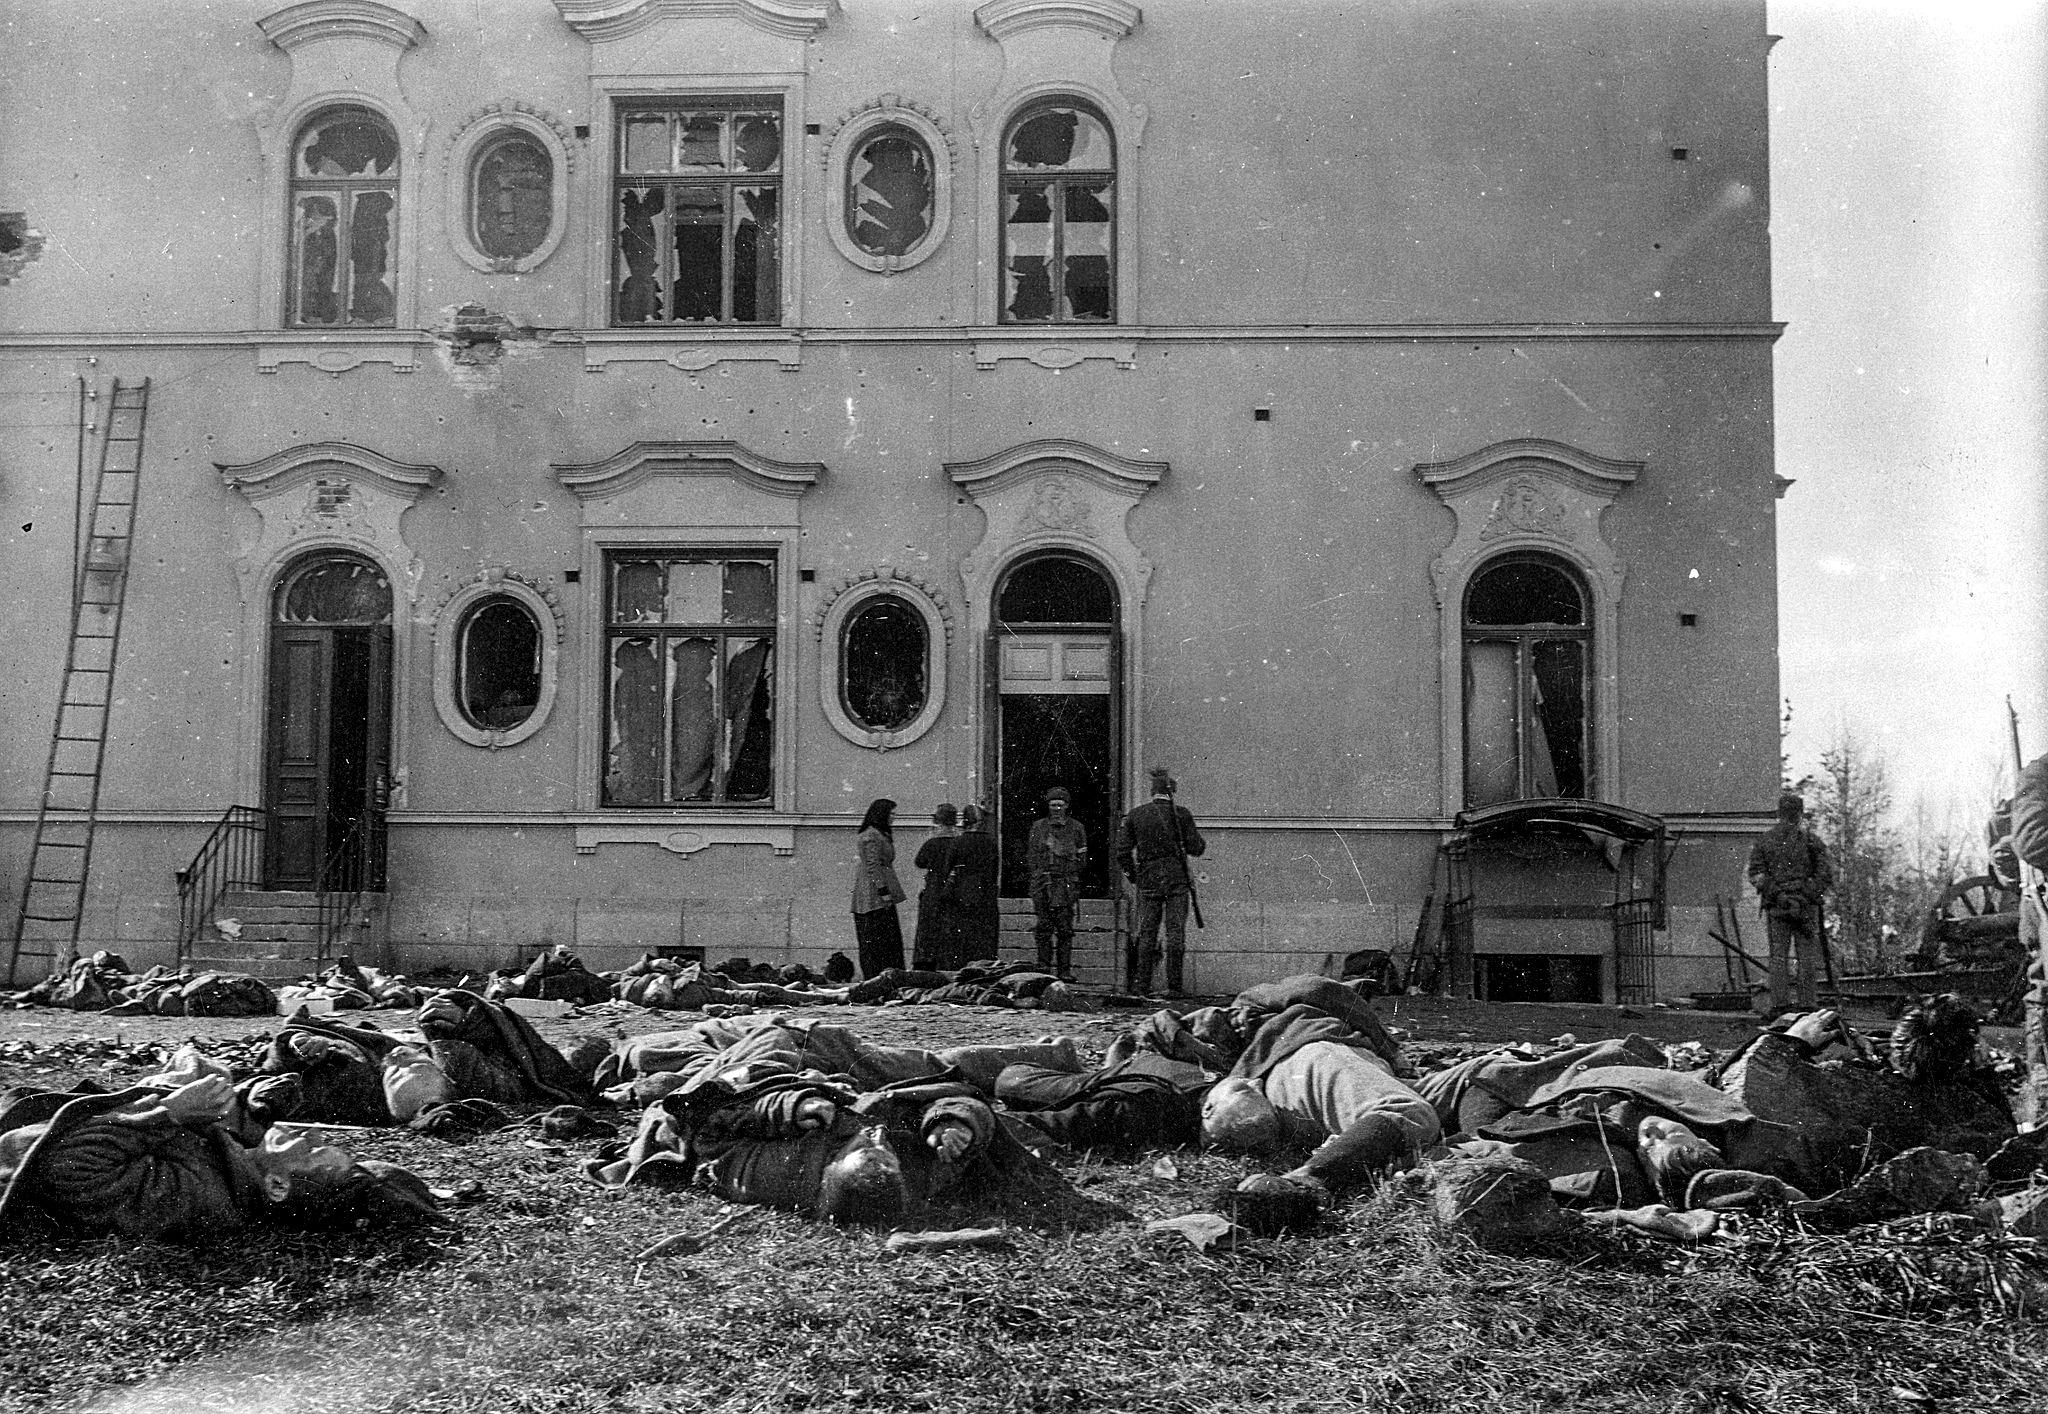 Stora mängder rödgardister dödades utanför Näsilinna under den dag då Melins kompani hade intagit det.